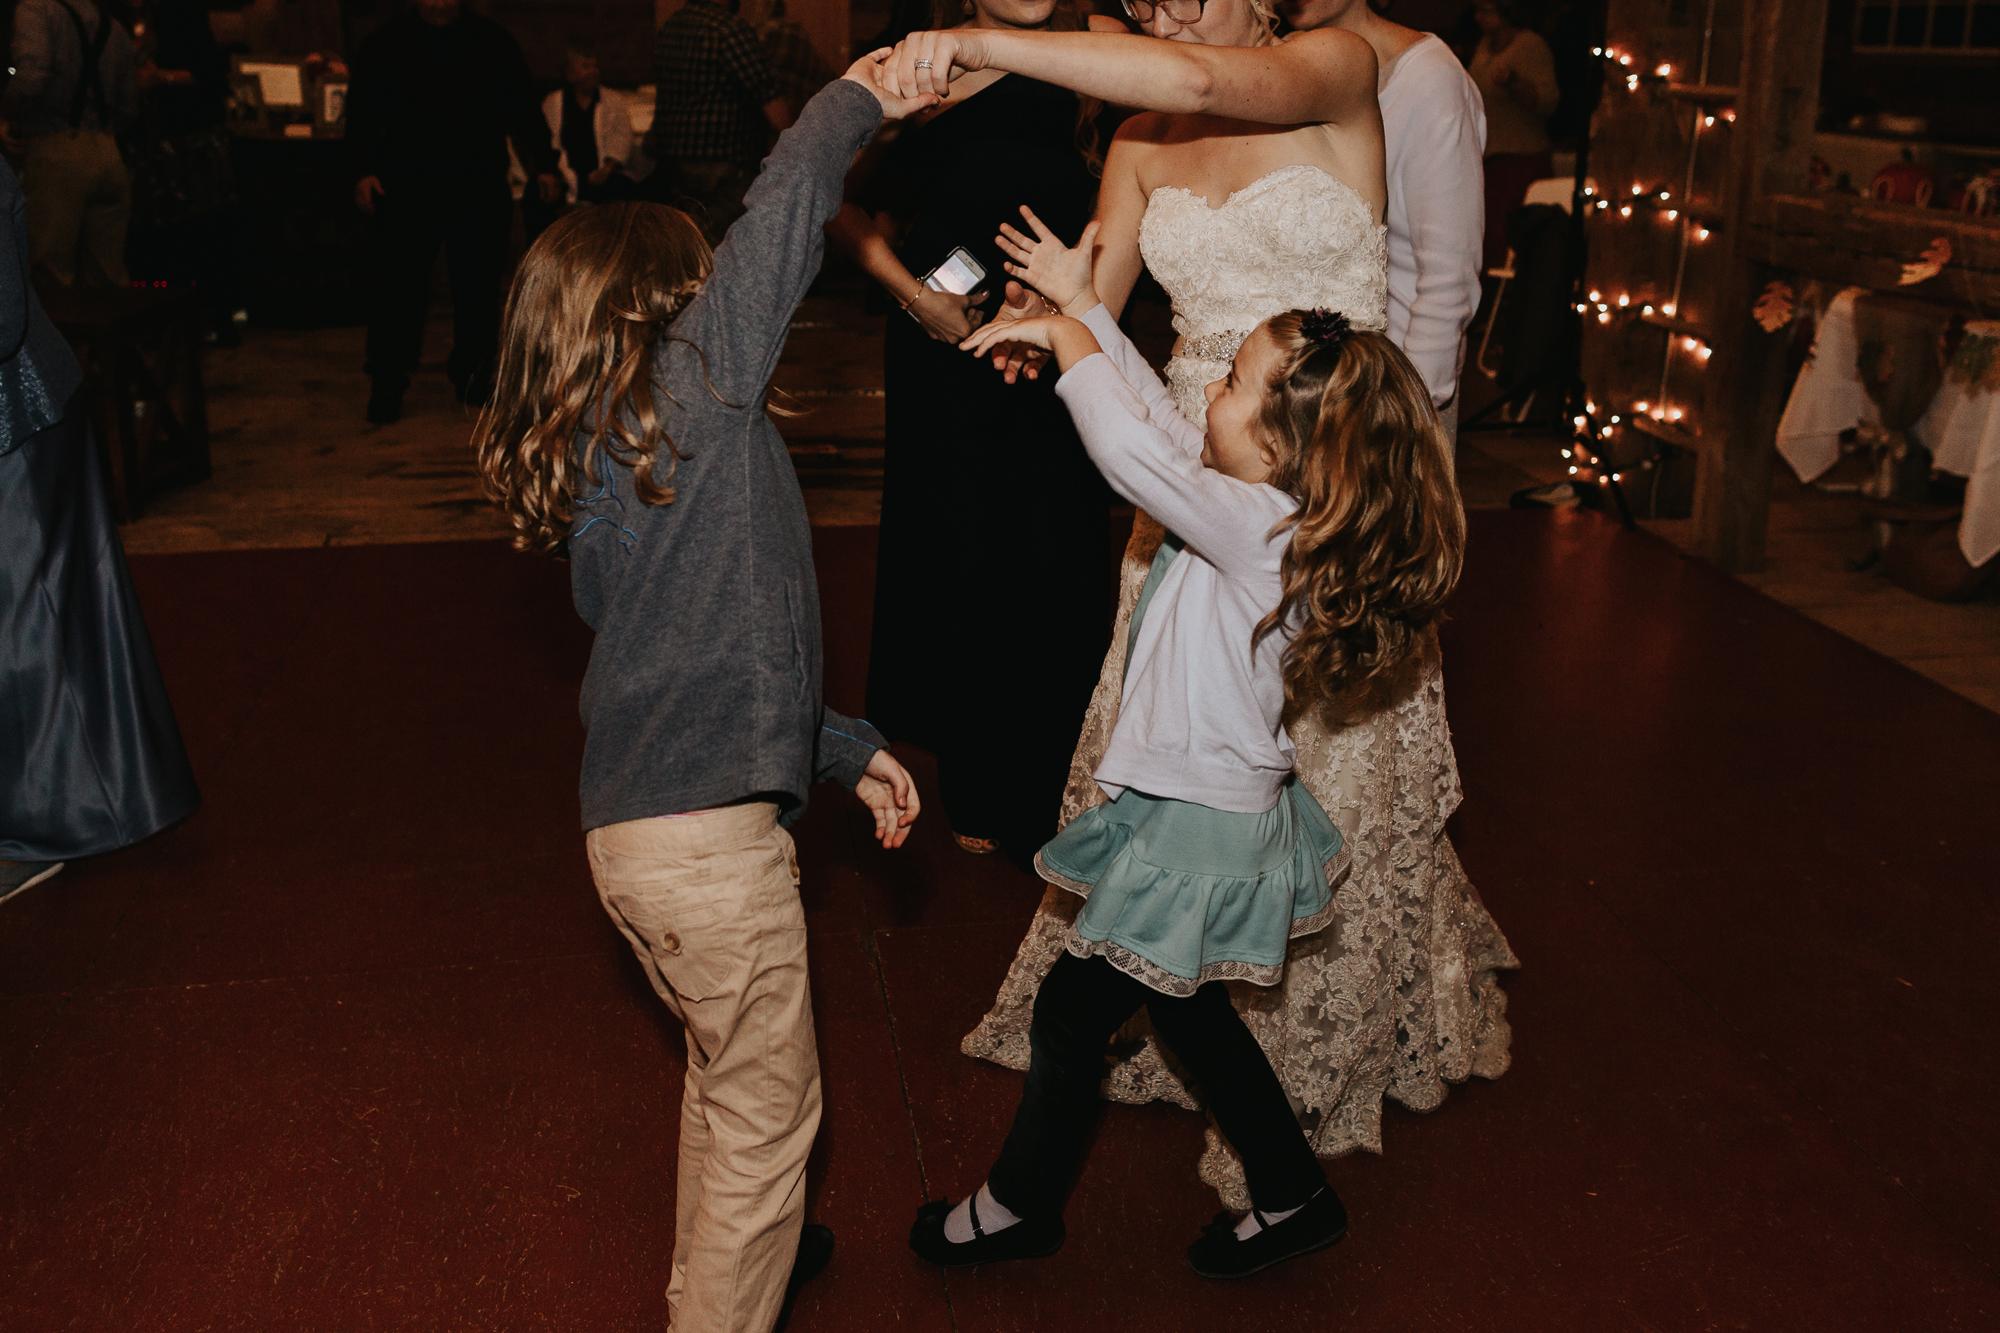 dancing-at-reception-hall-at-the-farm-at-beeber-drive-eastern-pa